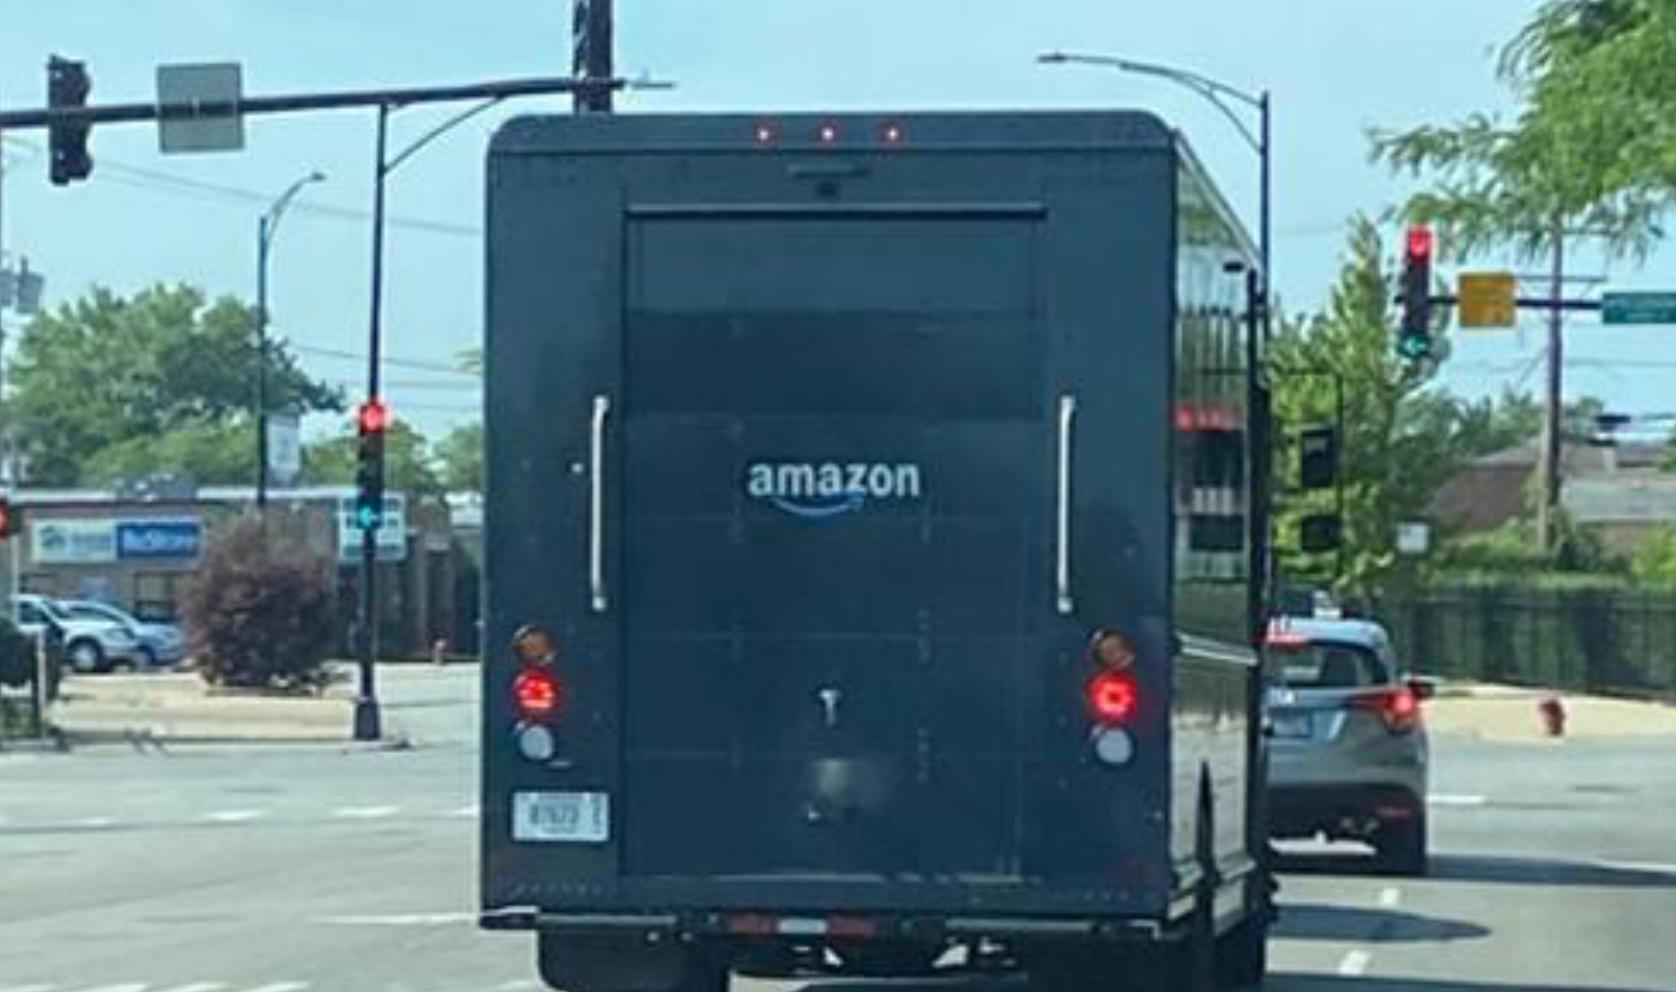 """Новый грузовик доставки Amazon """"walk-in"""" можно увидеть в Чикаго, штат Иллинойс, 28 июня 2020 года. REUTERS/PJ Huffstutter"""